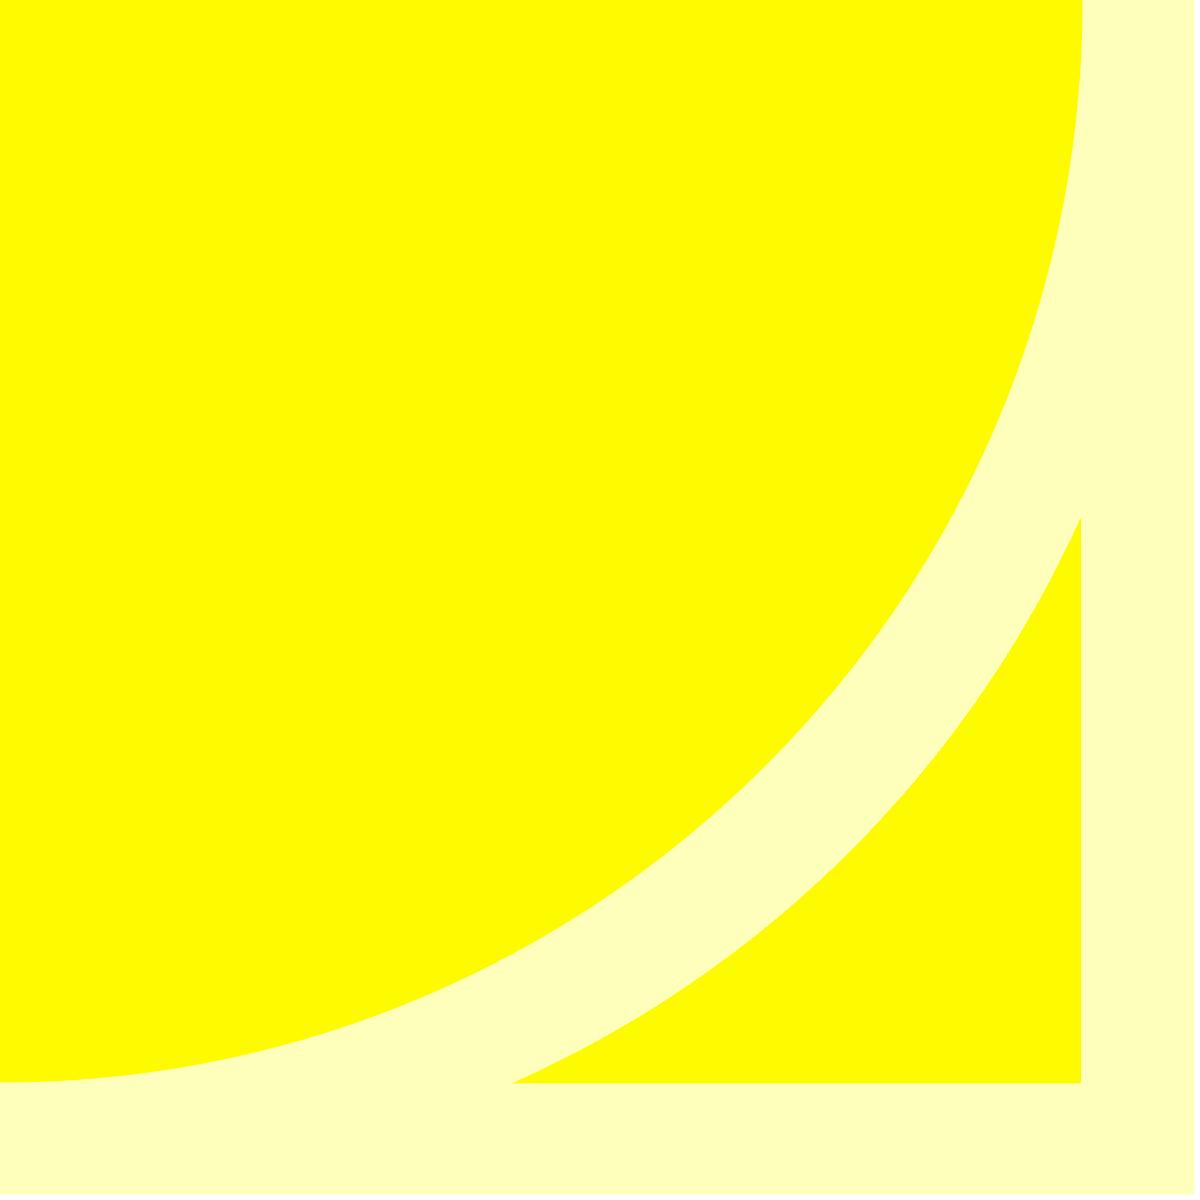 hvordan virker solcelle panel